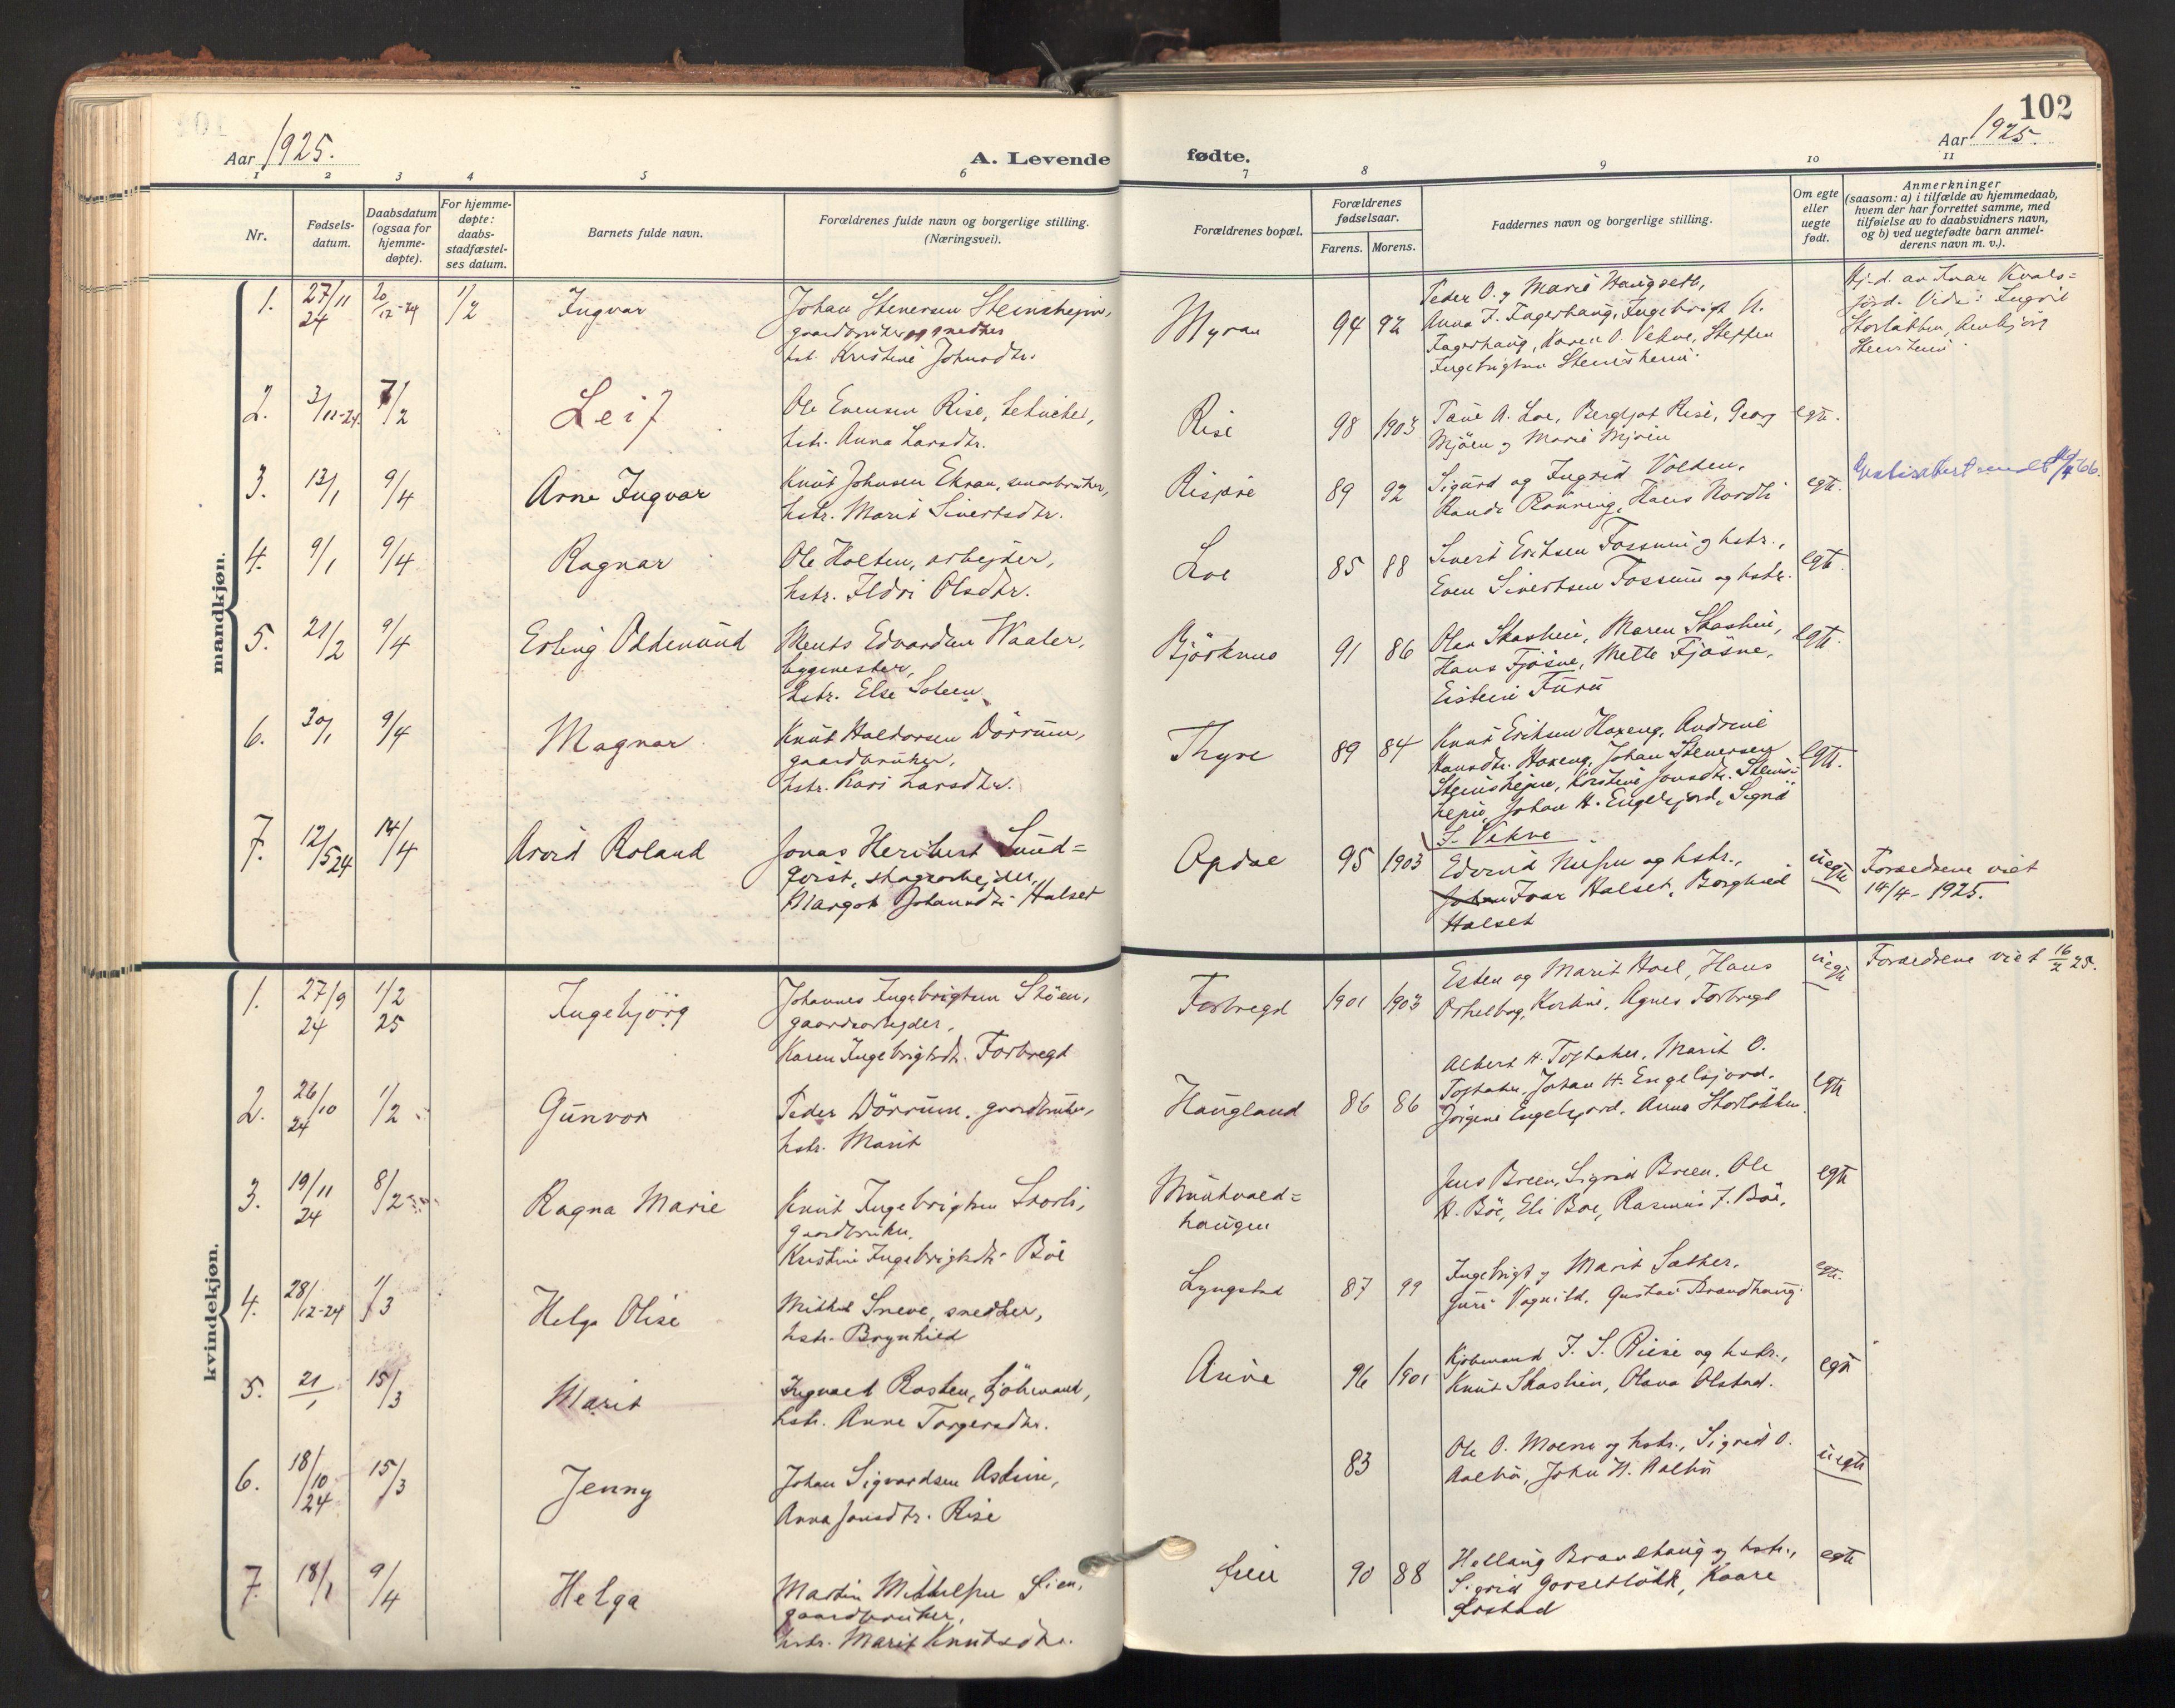 SAT, Ministerialprotokoller, klokkerbøker og fødselsregistre - Sør-Trøndelag, 678/L0909: Ministerialbok nr. 678A17, 1912-1930, s. 102